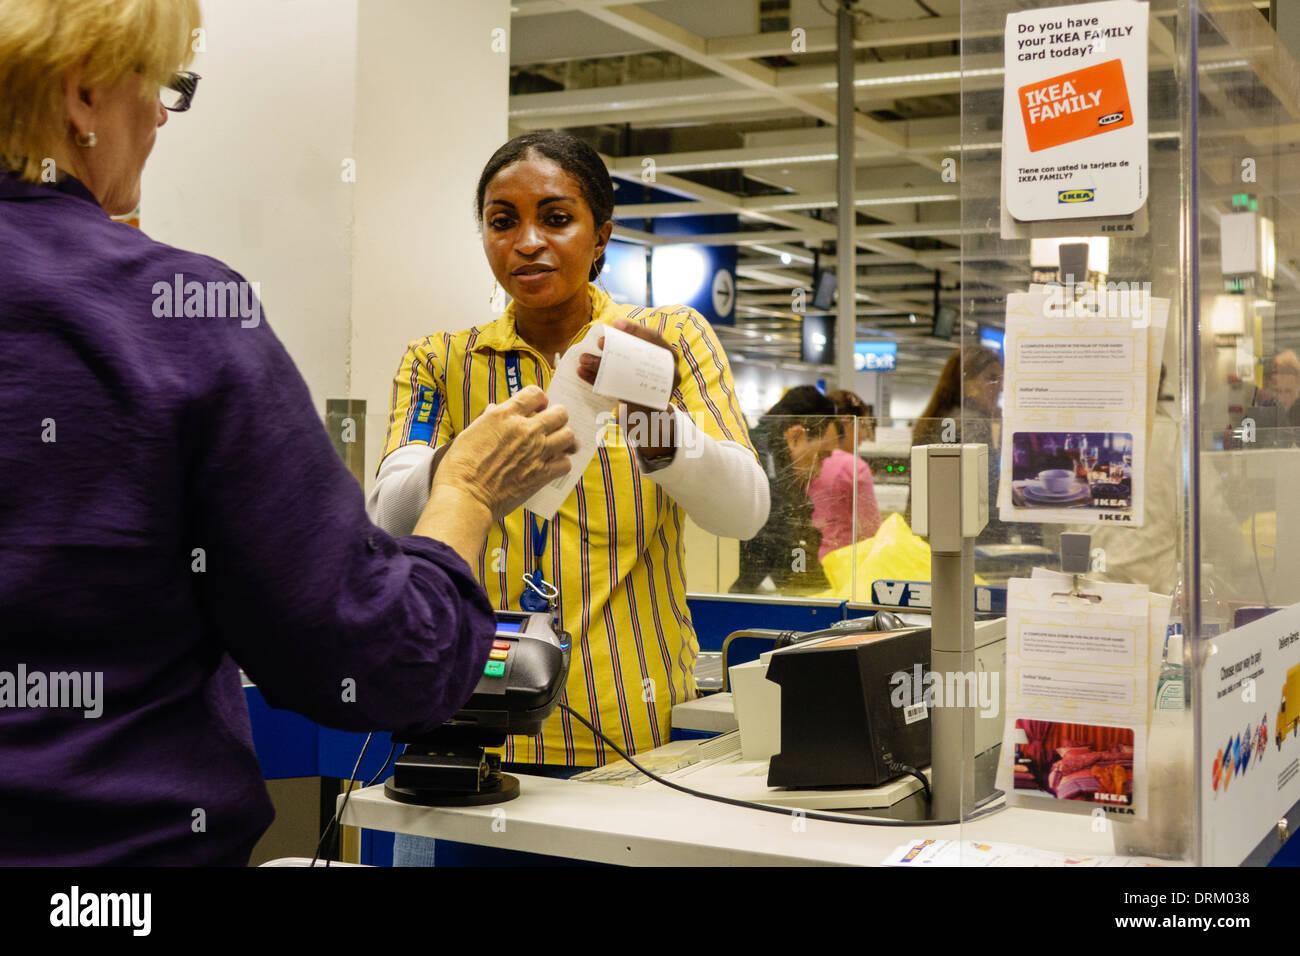 Imágenes Fotos Ikea Stockamp; Página Making De I2EHWD9